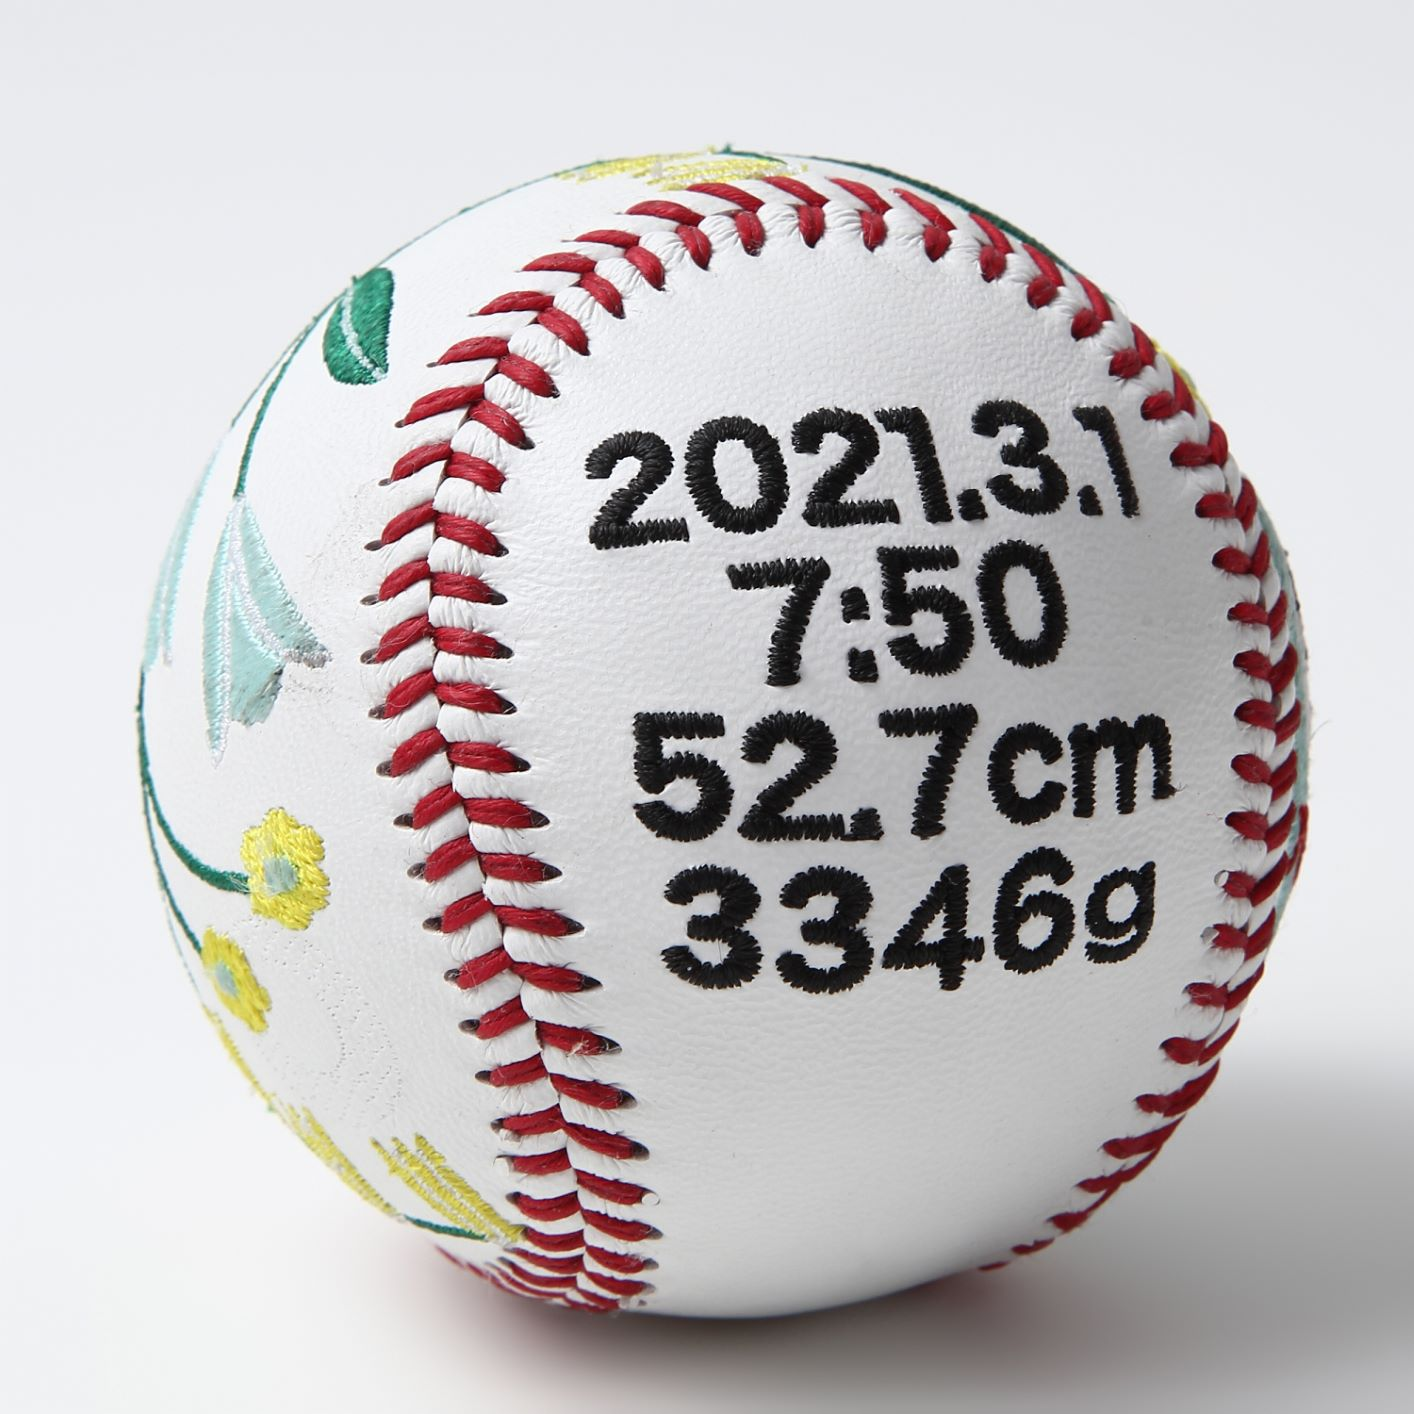 誕生記念・出産祝いボール 【タイプ2】 硬式野球ボールサイズ 刺繍ボール 記念ボール 命名 名入れ可 オーダーメイド プレゼント 贈答品 贈り物 友人へ